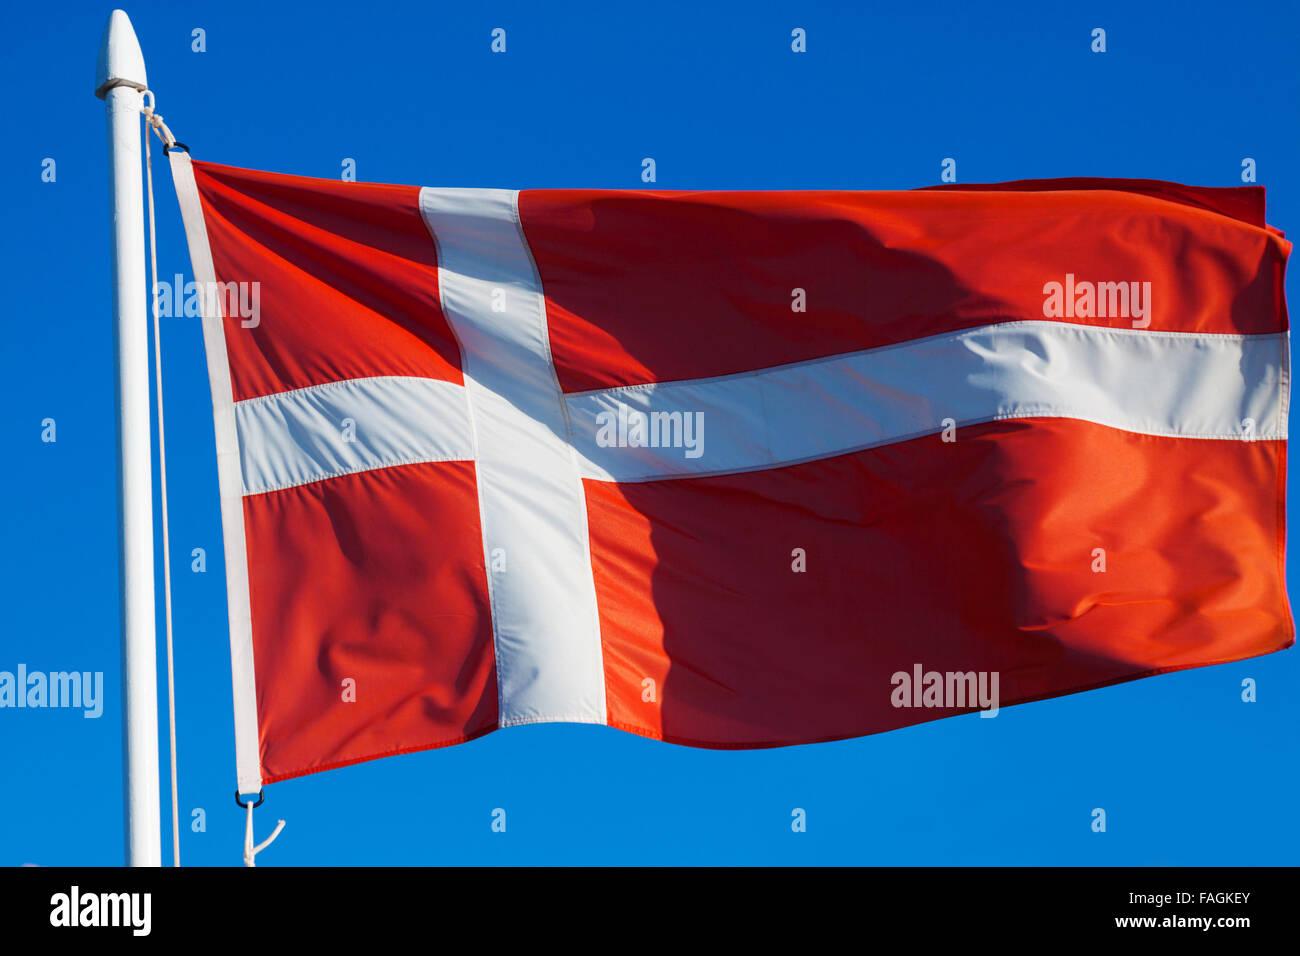 Flag of Denmark against blue sky - Stock Image